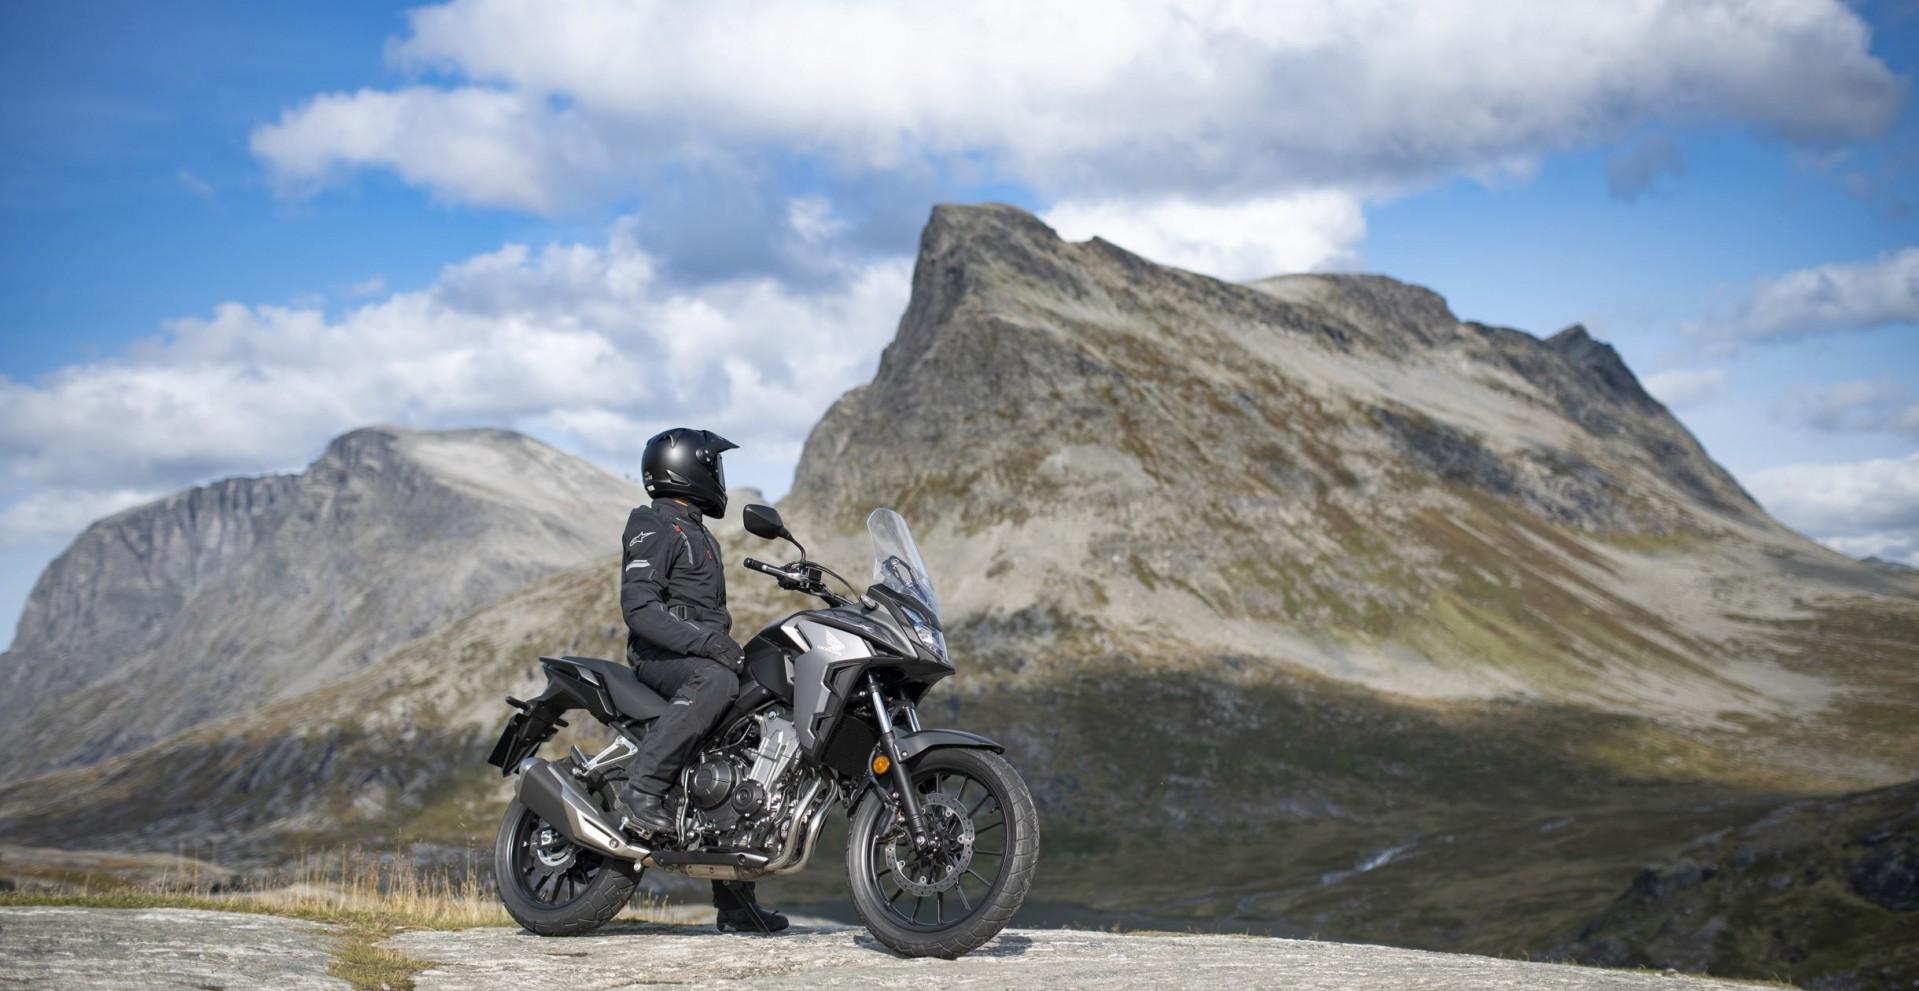 CB500X : le trail affirme ses capacités off-road avec une roue avant de 19 pouces